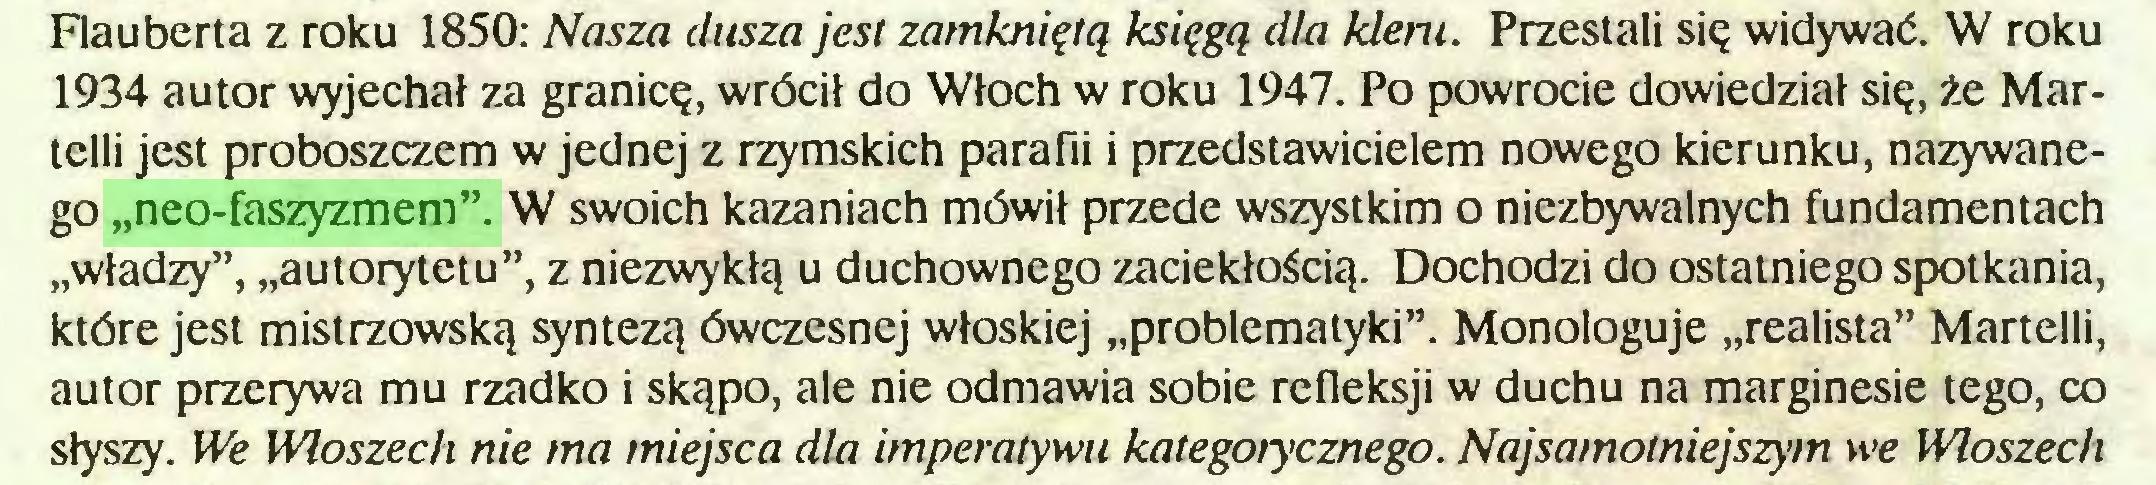 """(...) Flauberta z roku 1850: Nasza dusza jest zamkniętą księgą dla kleru. Przestali się widywać. W roku 1934 autor wyjechał za granicę, wrócił do Włoch w roku 1947. Po powrocie dowiedział się, że Martelli jest proboszczem w jednej z rzymskich parafii i przedstawicielem nowego kierunku, nazywanego """"neo-faszyzmem"""". W swoich kazaniach mówił przede wszystkim o niezbywalnych fundamentach """"władzy"""", """"autorytetu"""", z niezwykłą u duchownego zaciekłością. Dochodzi do ostatniego spotkania, które jest mistrzowską syntezą ówczesnej włoskiej """"problematyki"""". Monologuje """"realista"""" Martelli, autor przerywa mu rzadko i skąpo, ale nie odmawia sobie refleksji w duchu na marginesie tego, co słyszy. We Włoszech nie ma miejsca dla imperatywu kategorycznego. Najsamotniejszym we Włoszech..."""